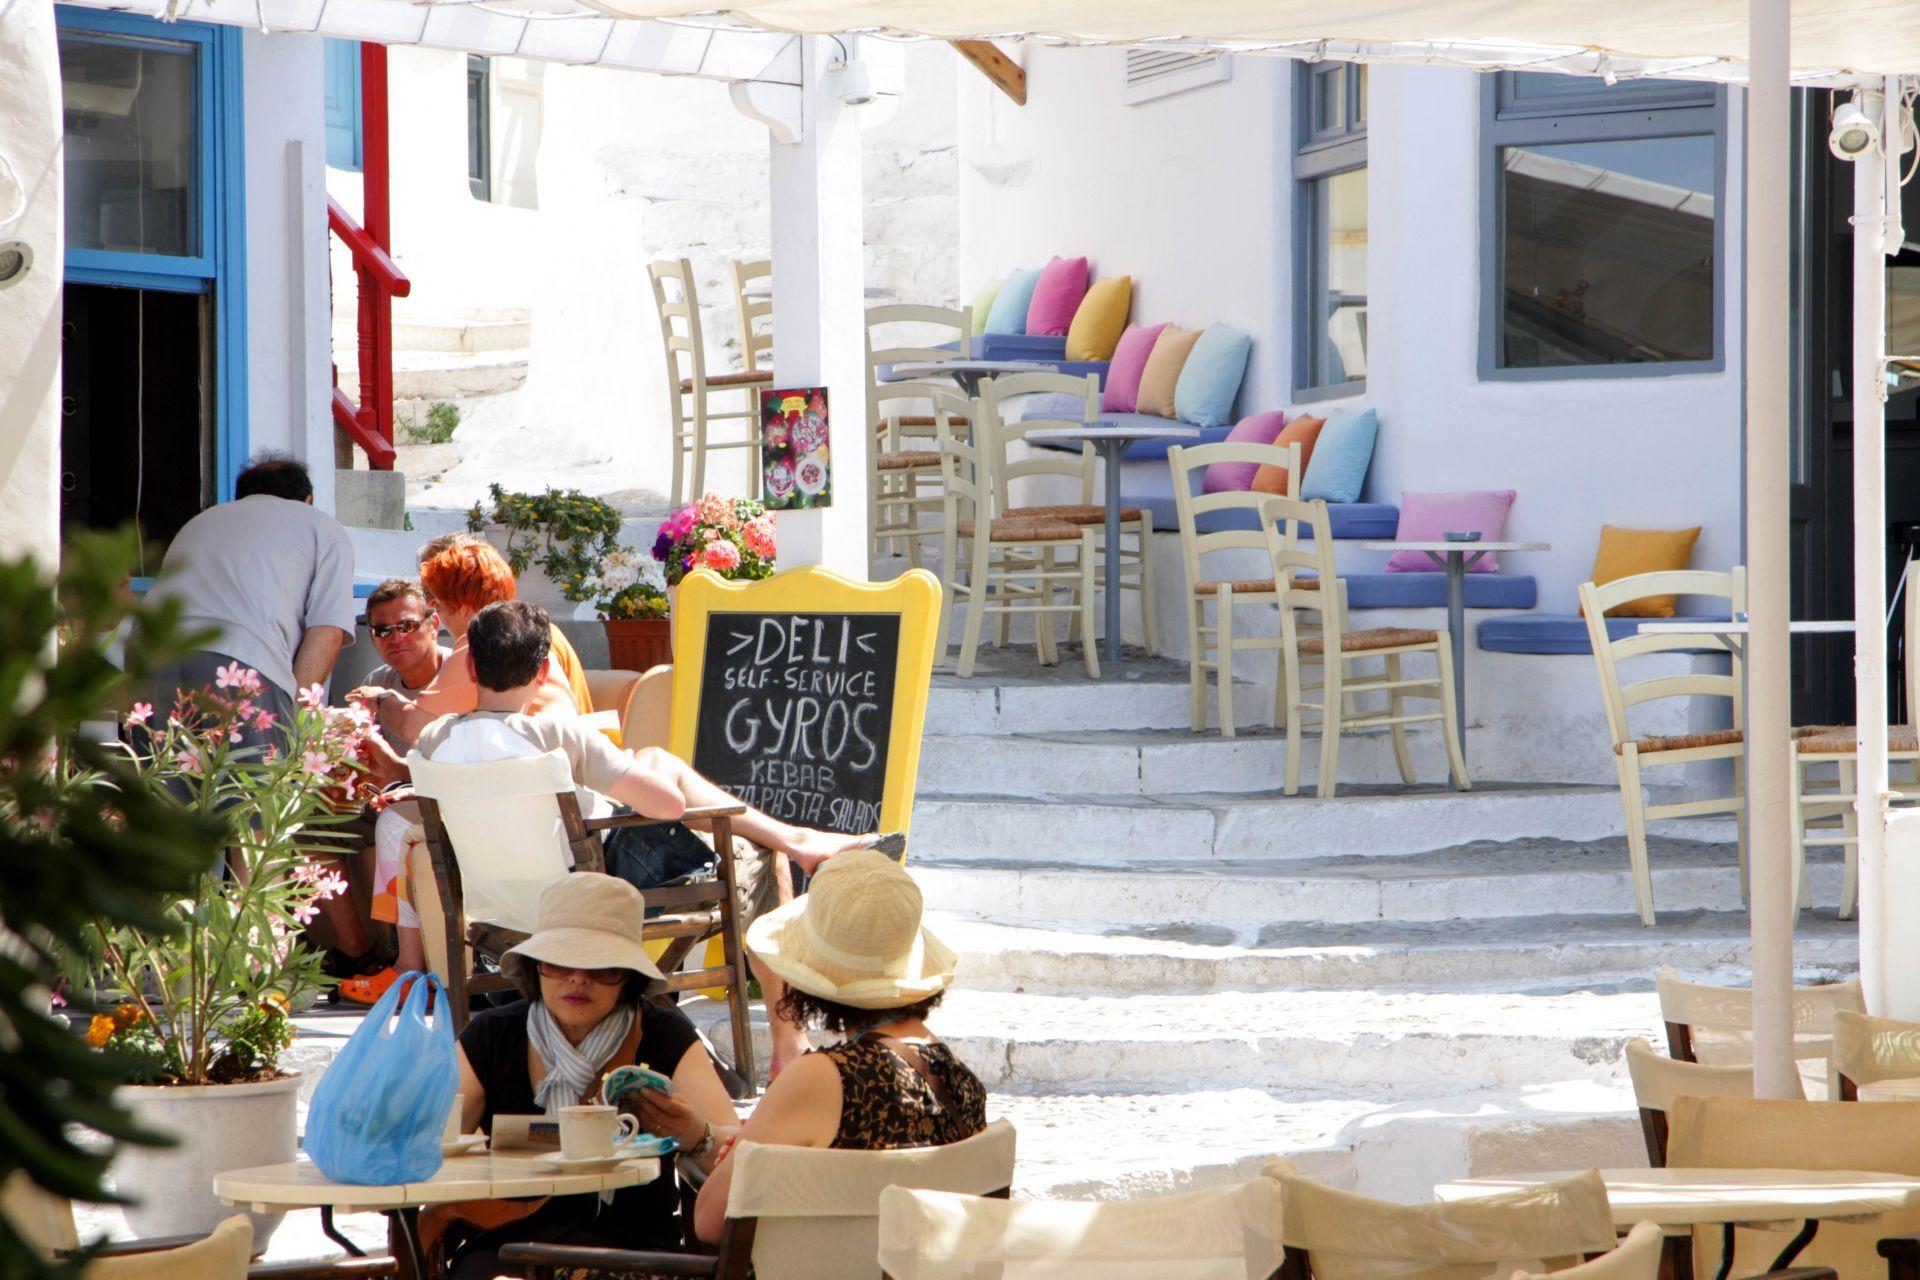 Cafes in Mykonos